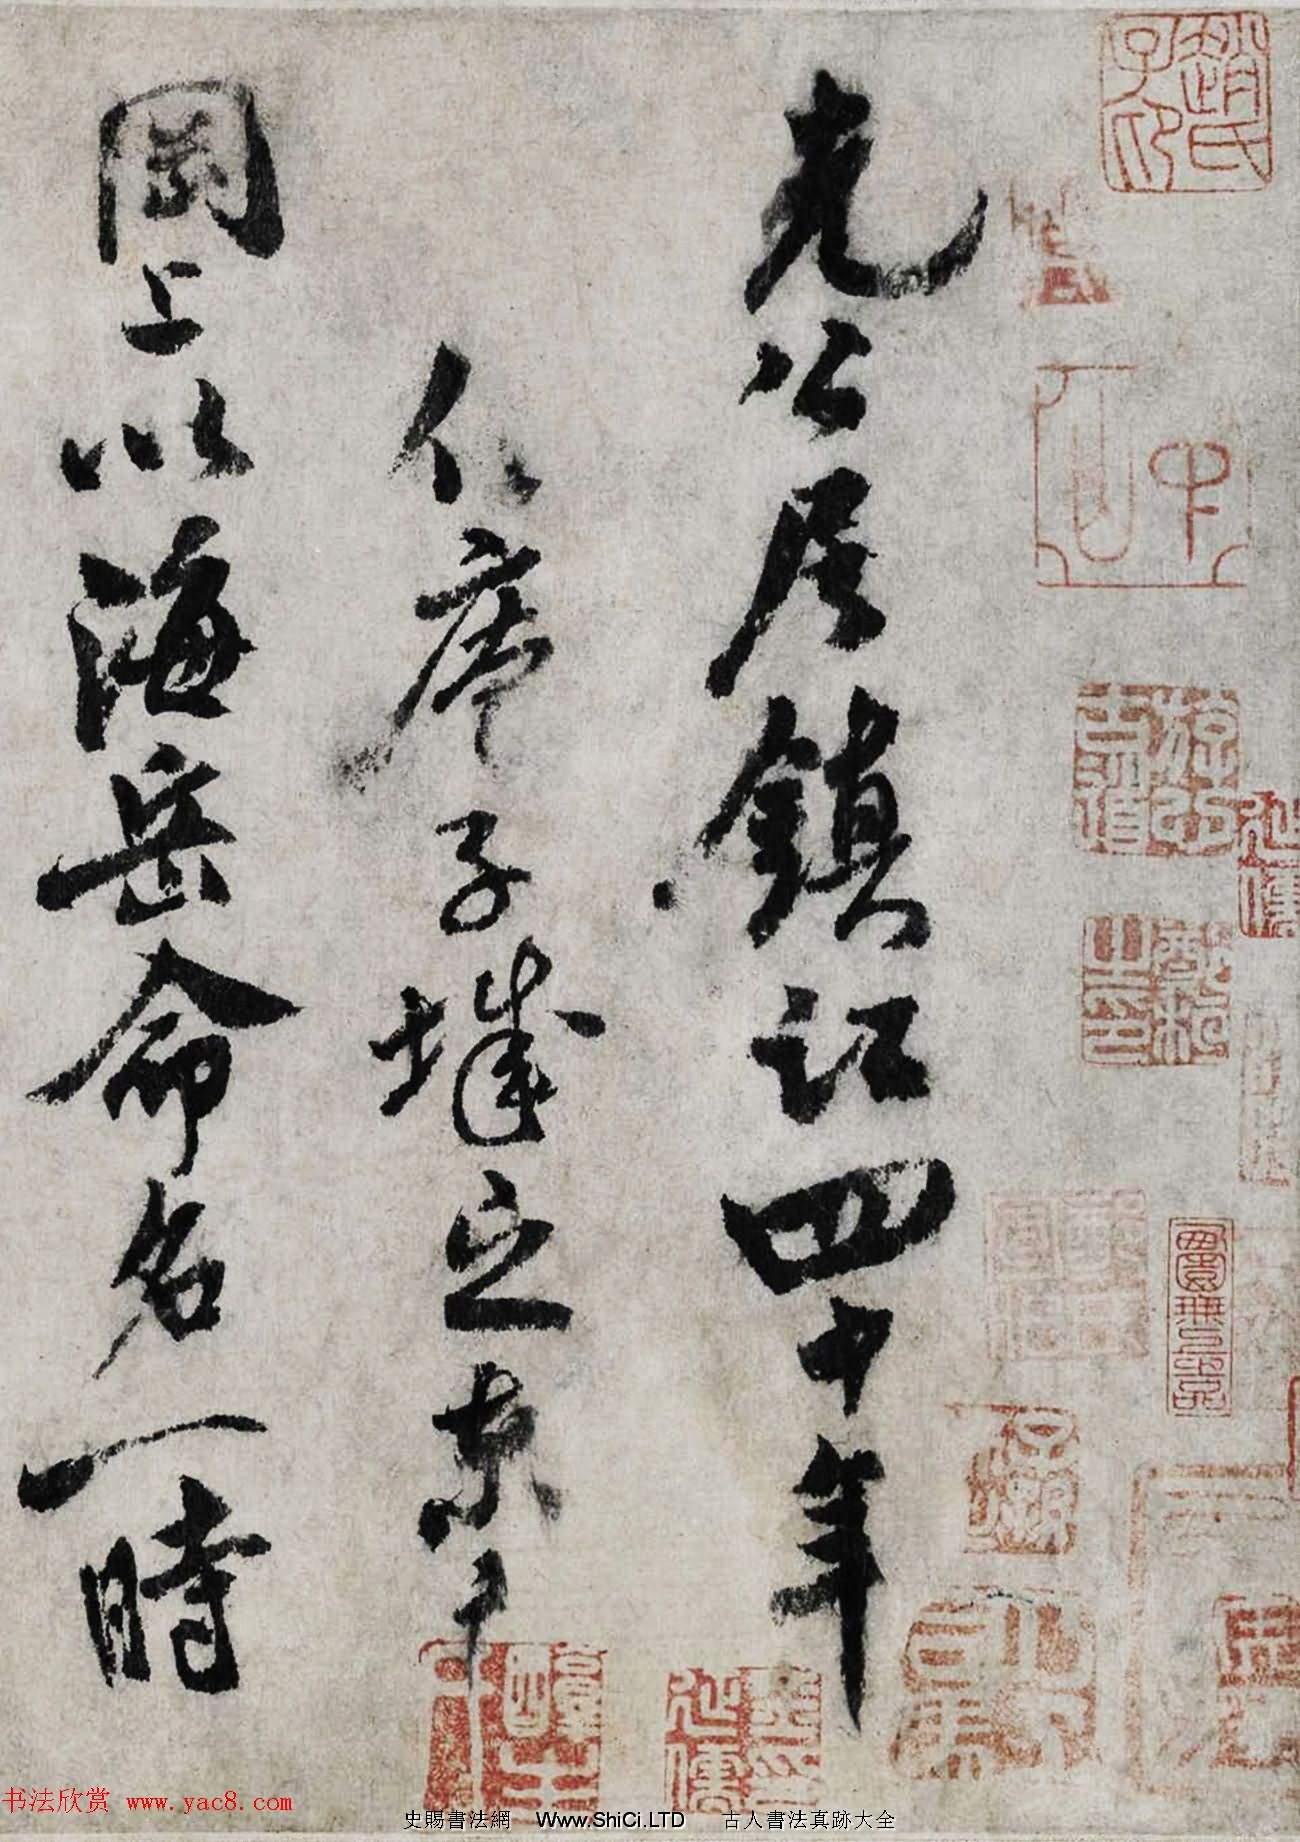 米芾長子米友仁書法字畫字帖《瀟湘奇觀》(共8張圖片)